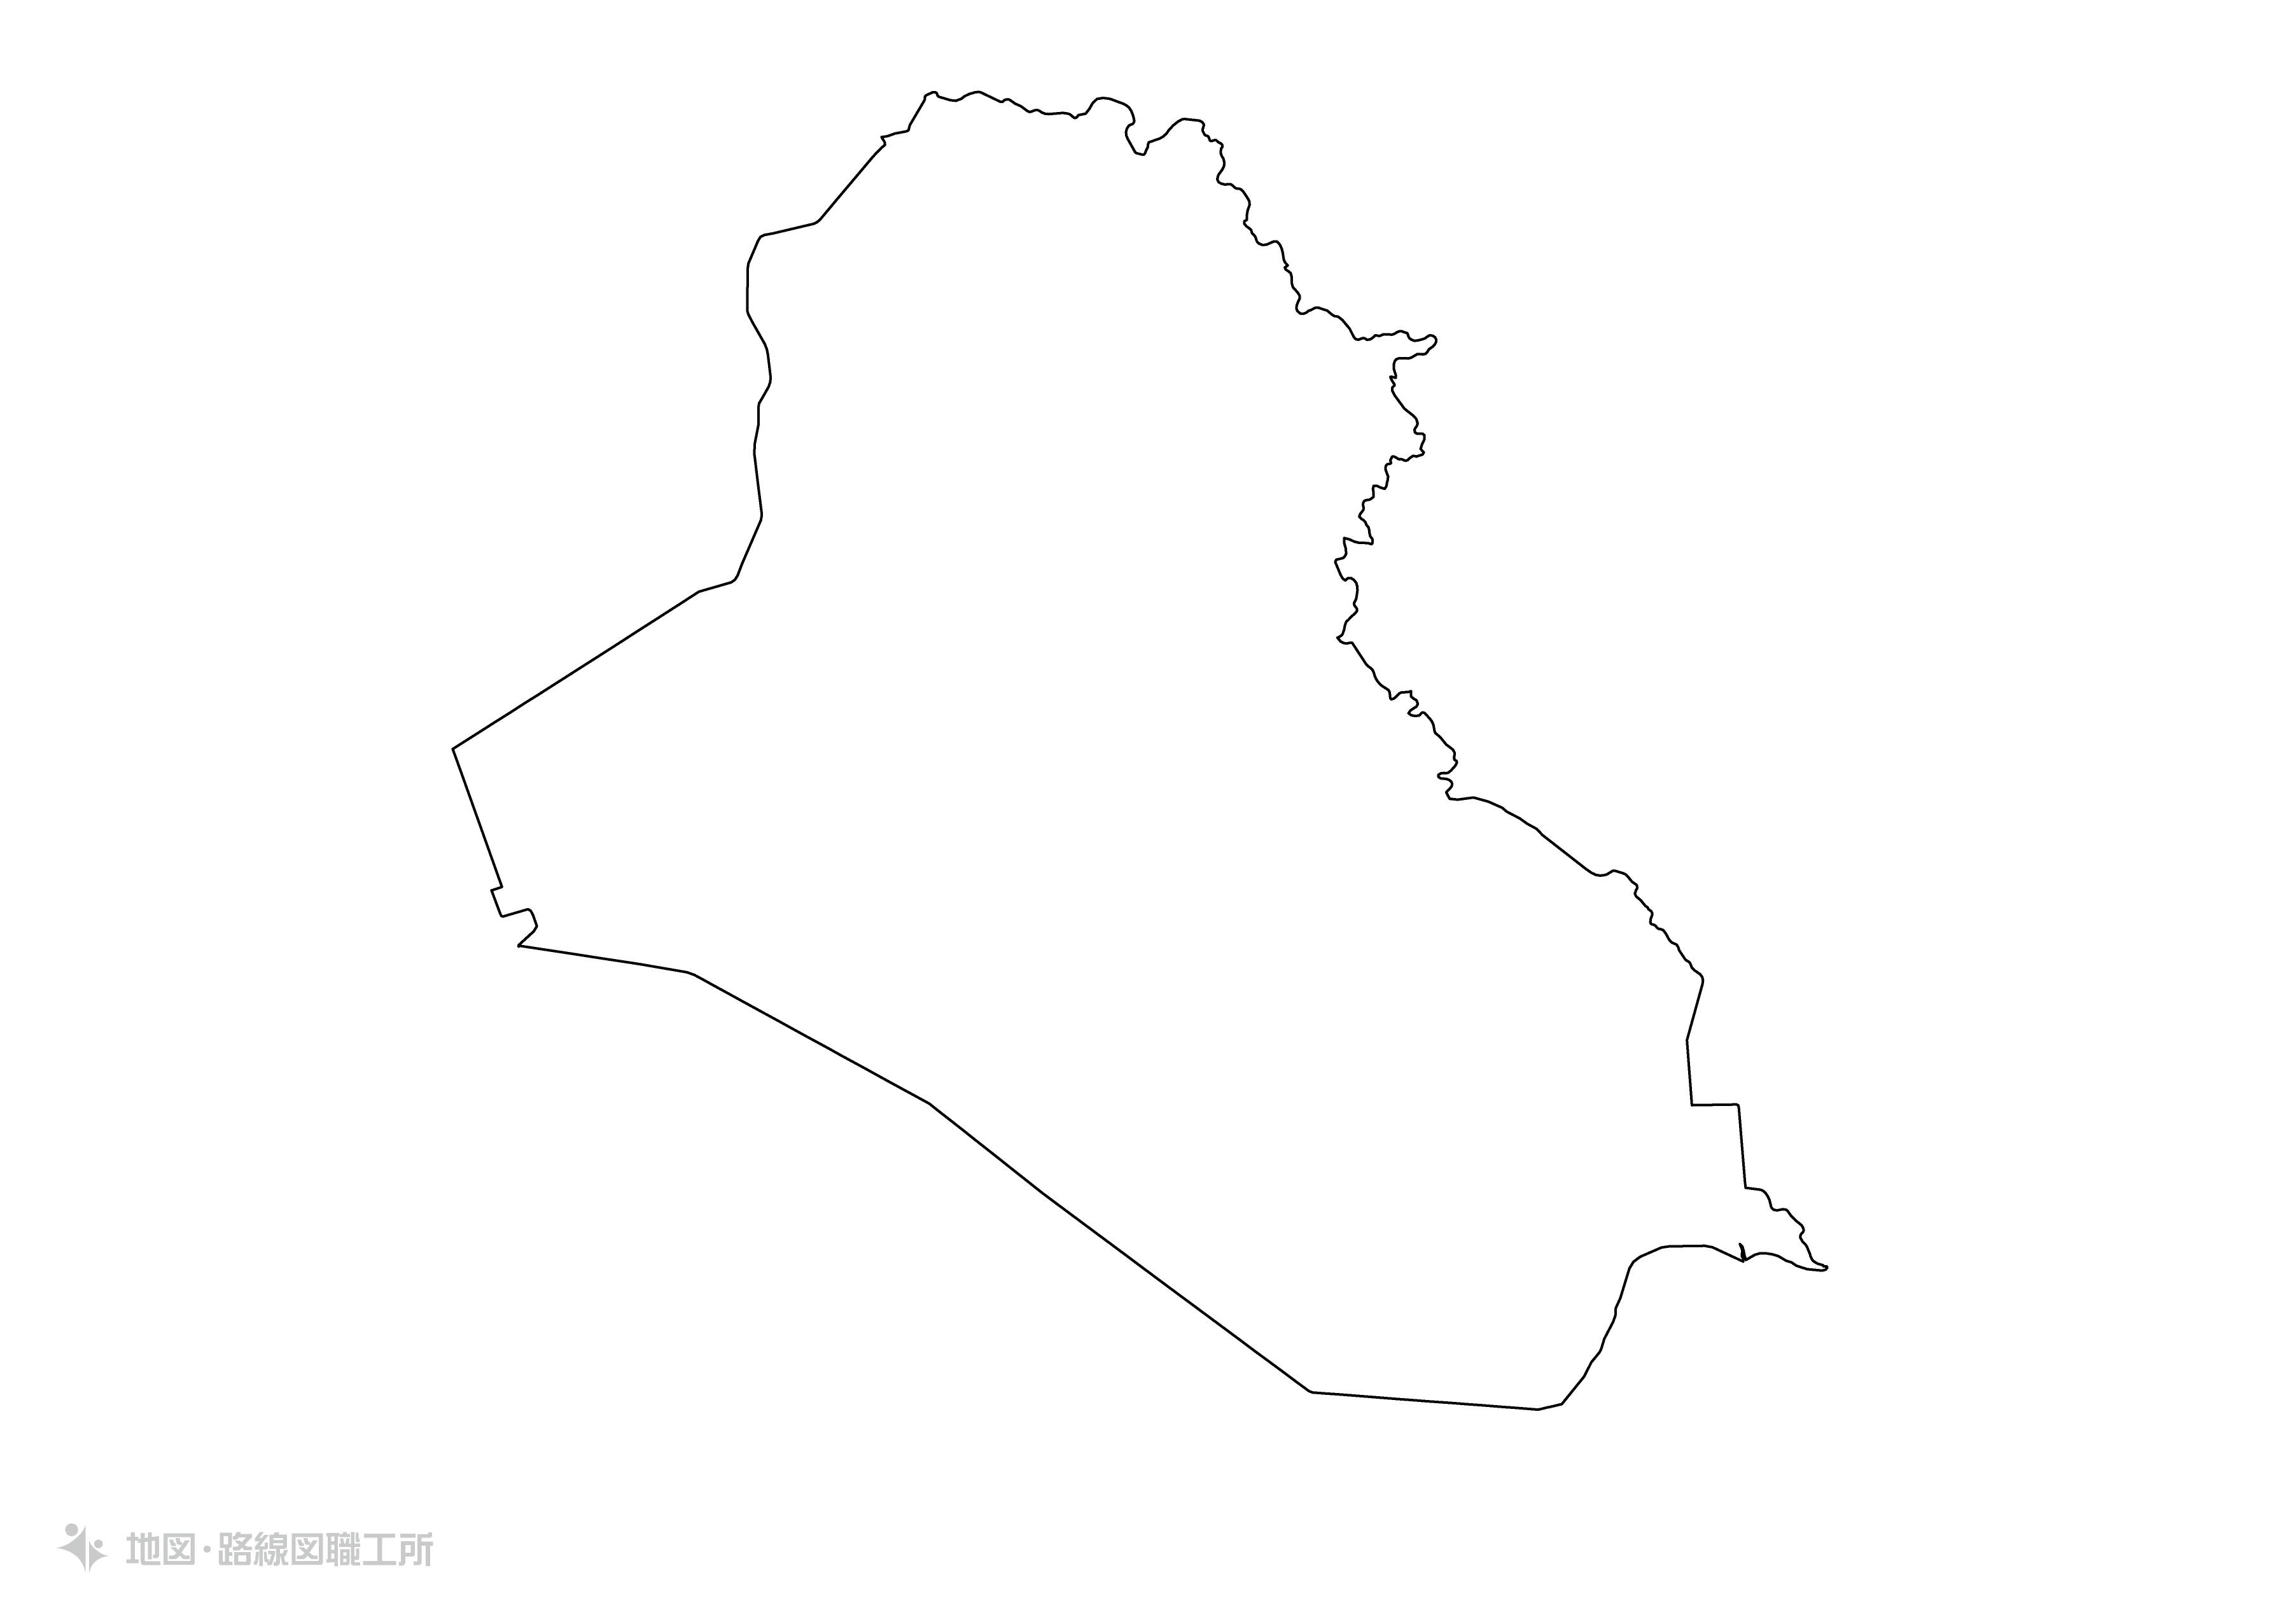 世界の白地図 イラク共和国 republic-of-iraq map